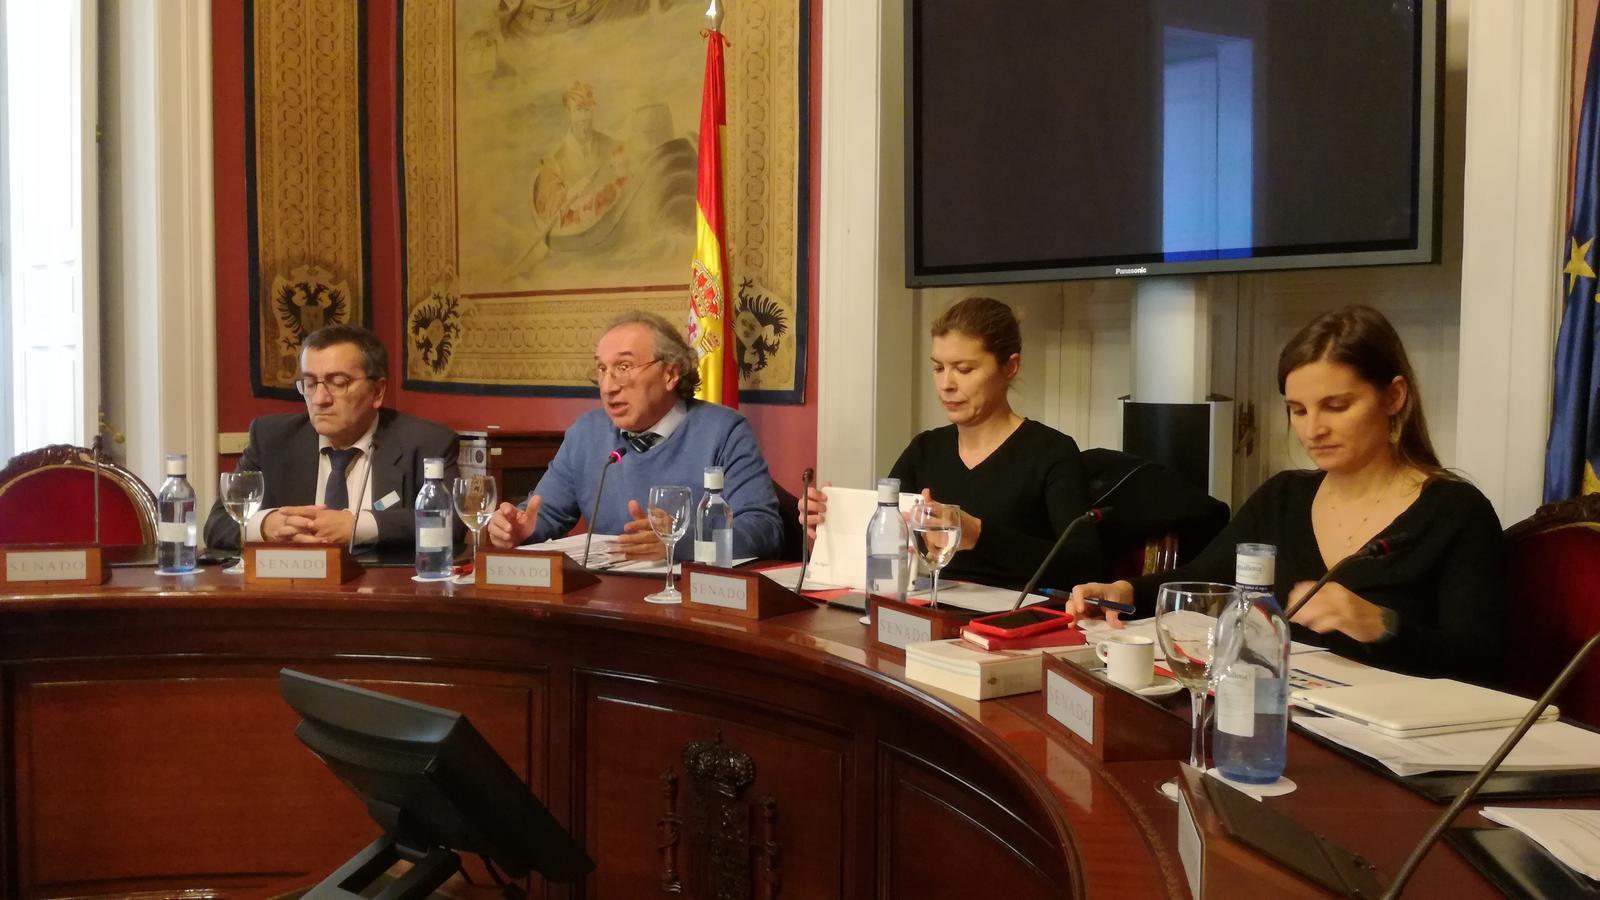 El conseller d'educació, Martí March, i el director general de Planificació, Ordenació i Centres, Antoni Morante, al Senat